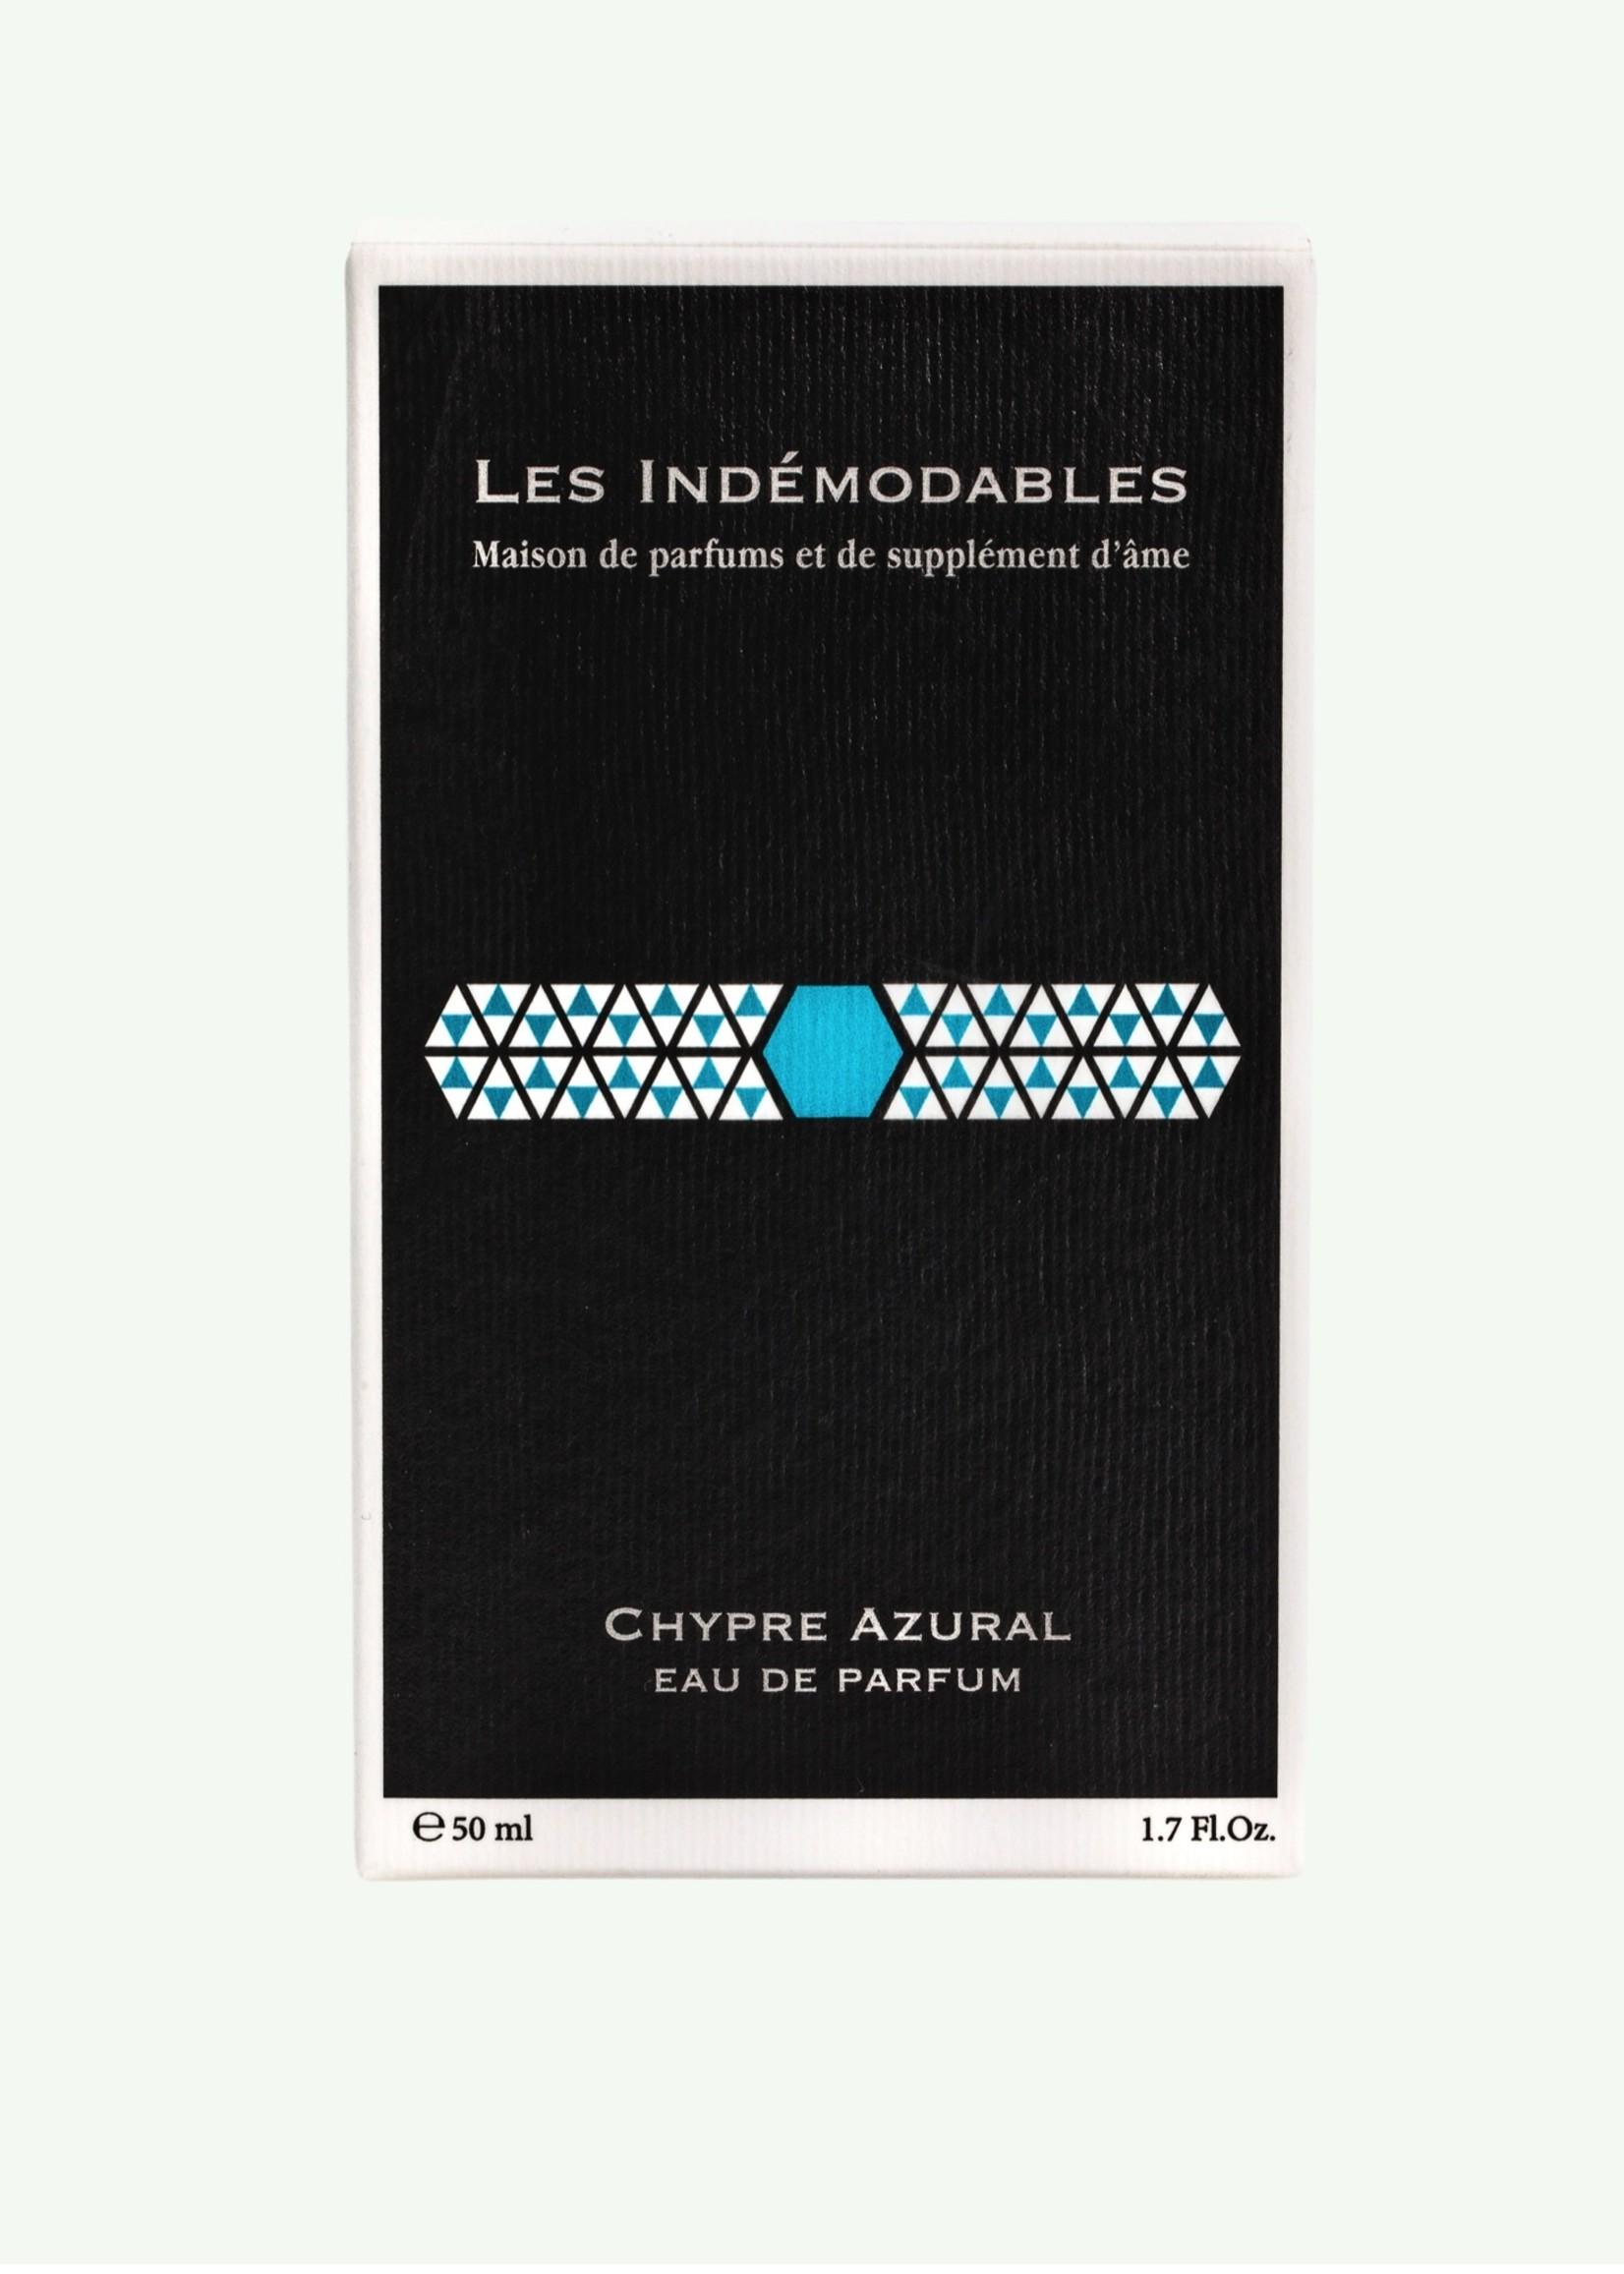 Les Indémodables Les Indémodables - Chypre Azural - Eau de Parfum